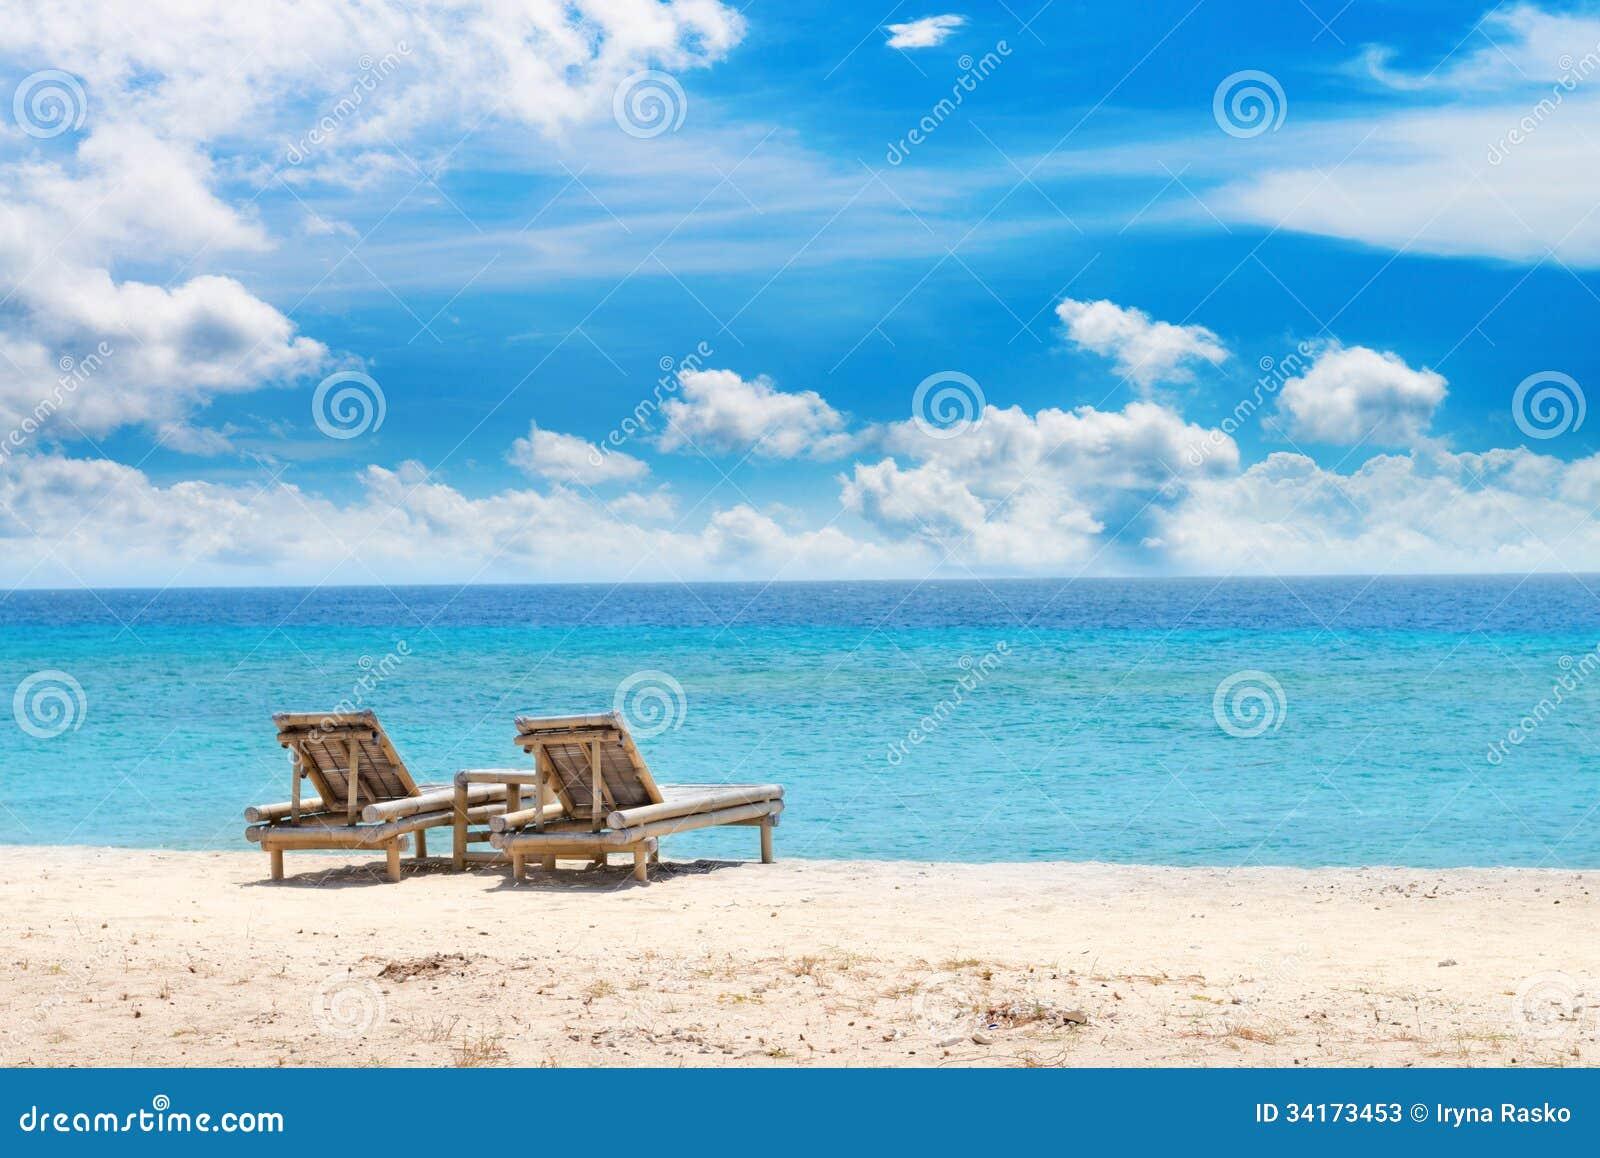 Фото на пустынном пляже 16 фотография